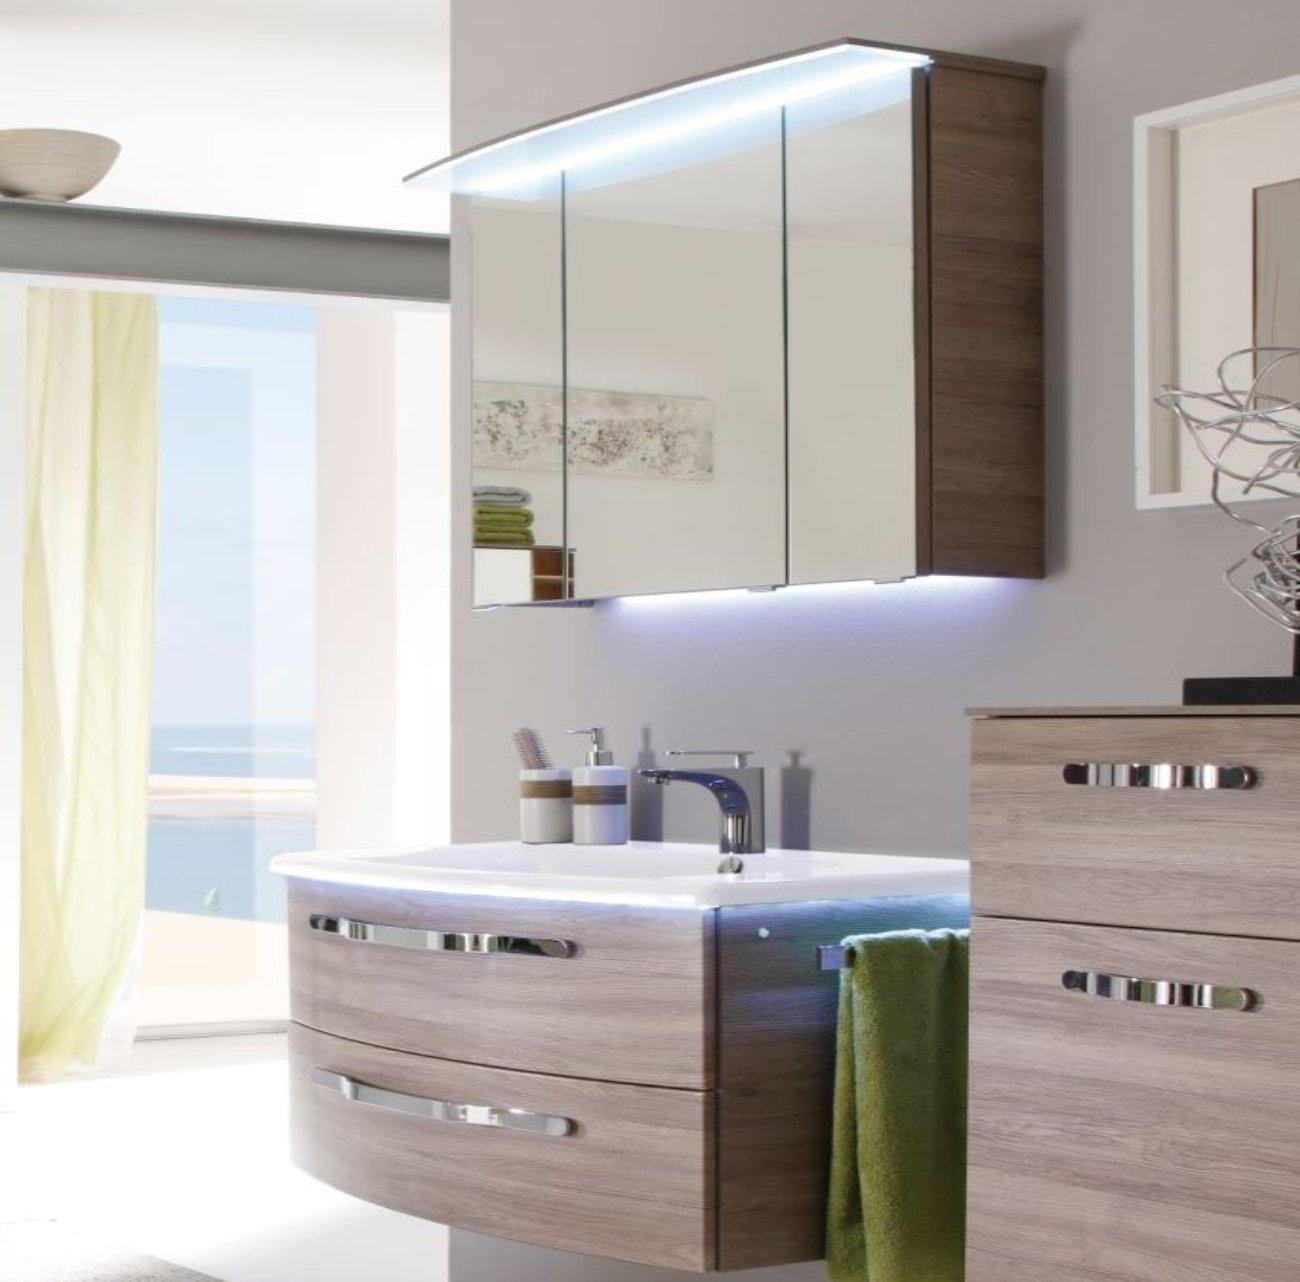 pelipal soltaire 7005 badm bel set 124 cm. Black Bedroom Furniture Sets. Home Design Ideas